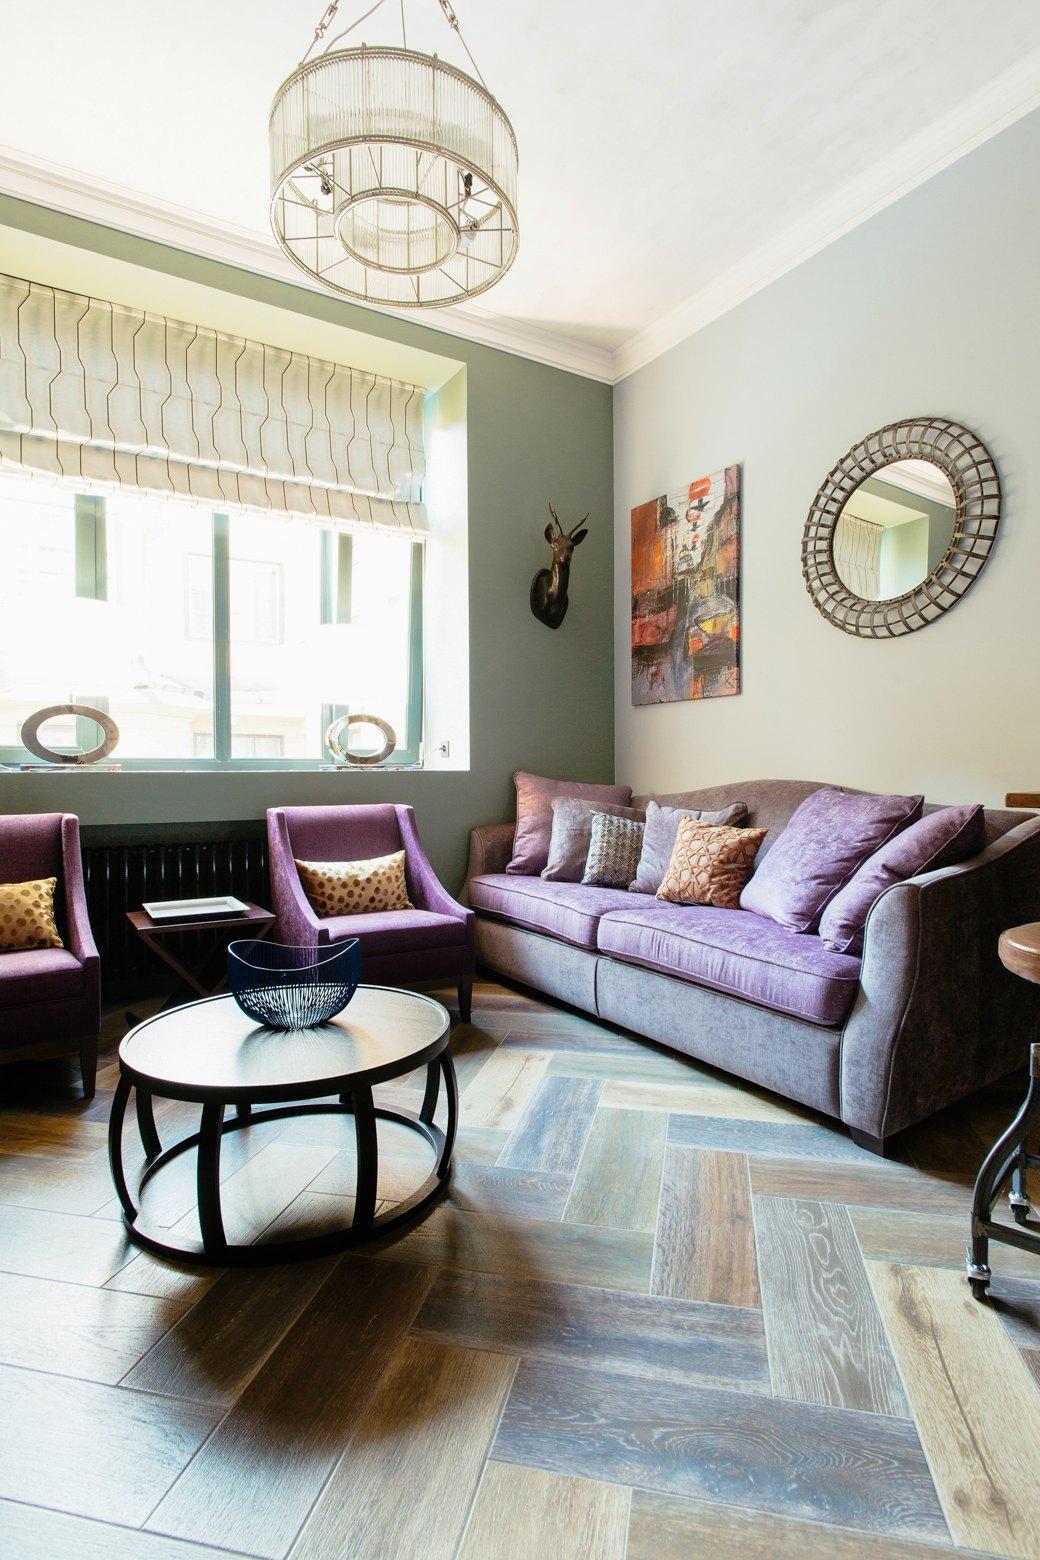 Двухкомнатные апартаменты для сдачи варенду рядом с отелем W (Петербург). Изображение № 3.